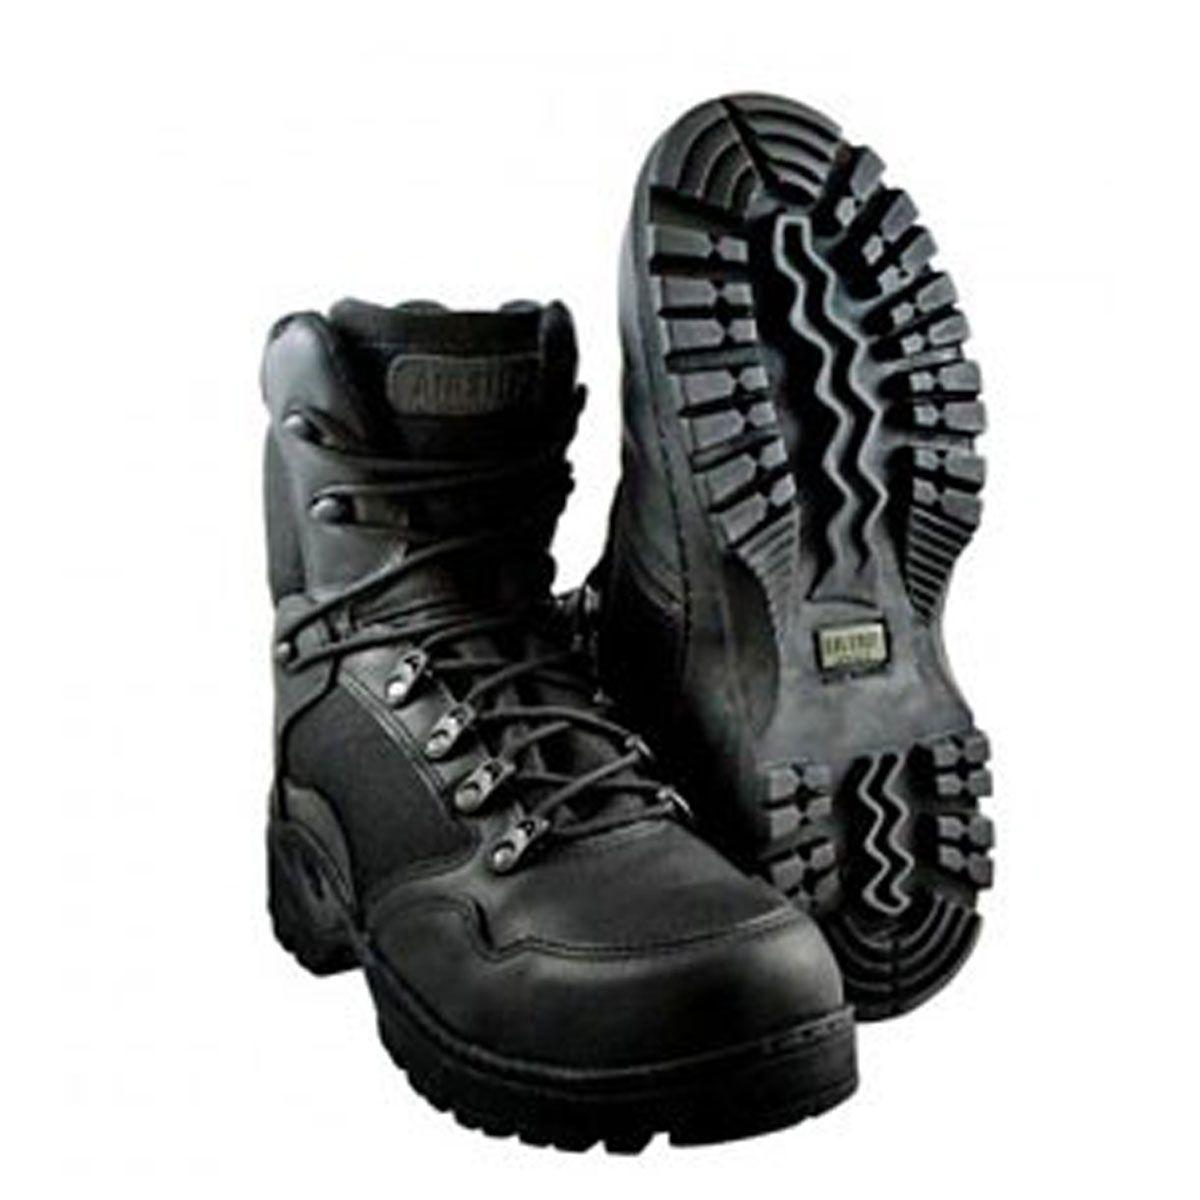 Bota / Coturno Militar Tático Airstep Ref: 8600-1 Combat Black